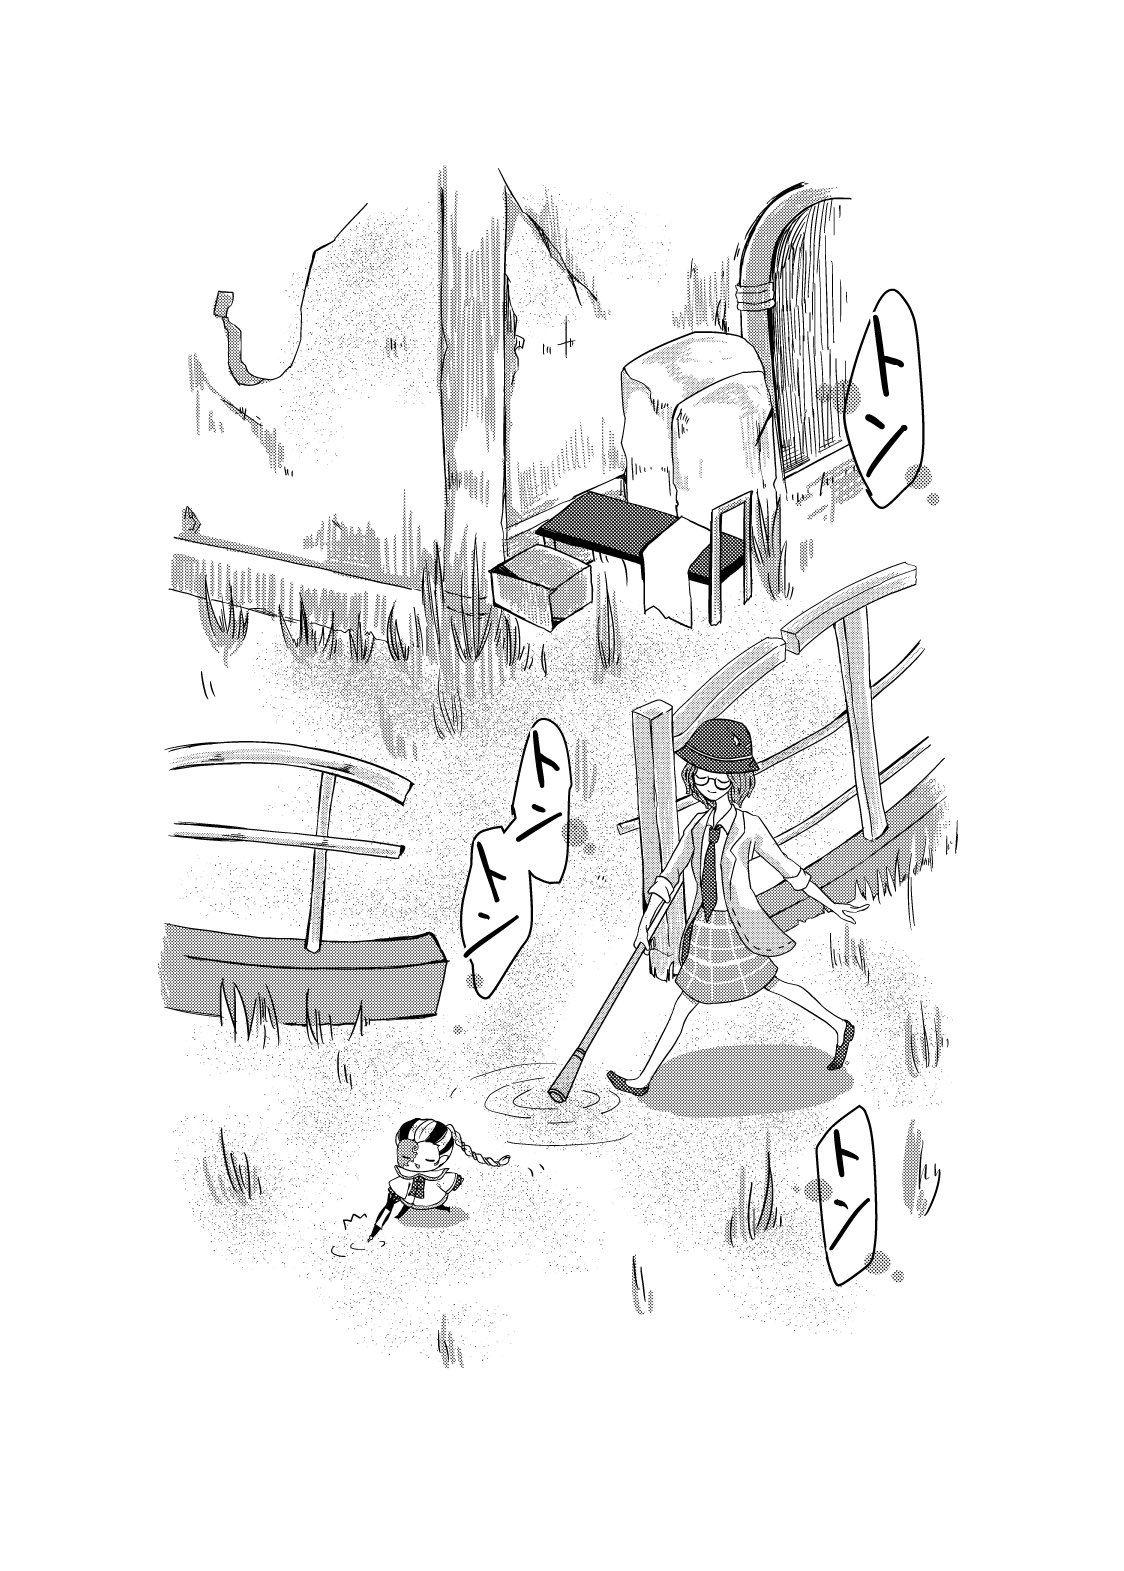 twitter すごい絵 イケメンイラスト イラスト